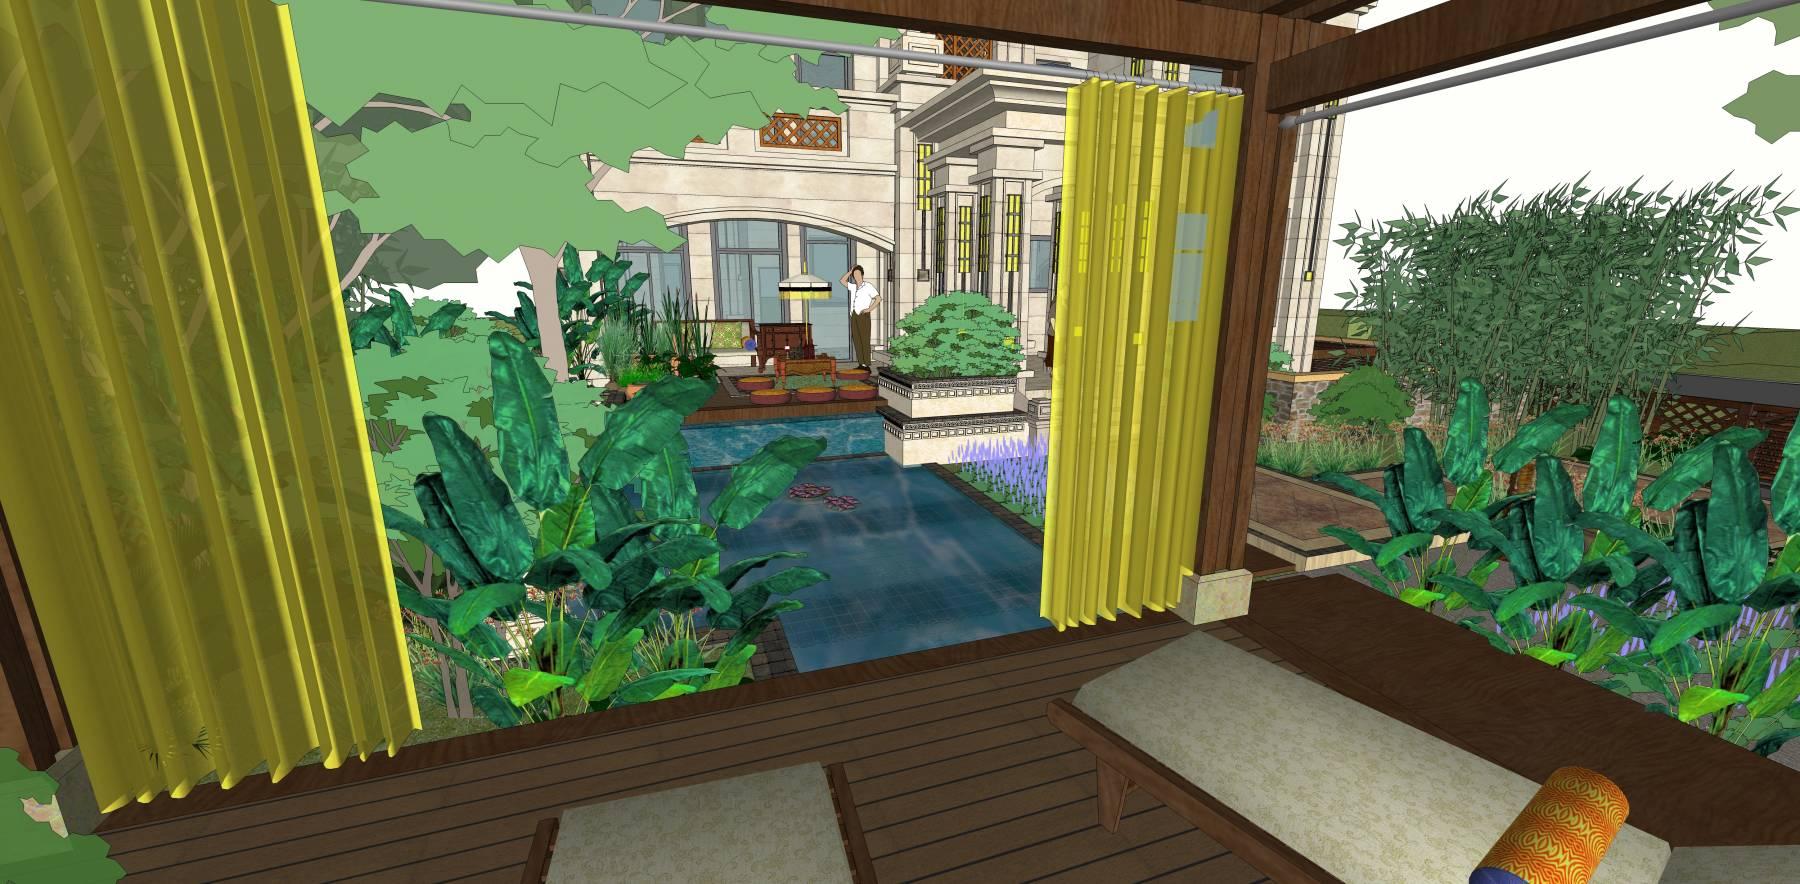 东南亚风格建筑别墅